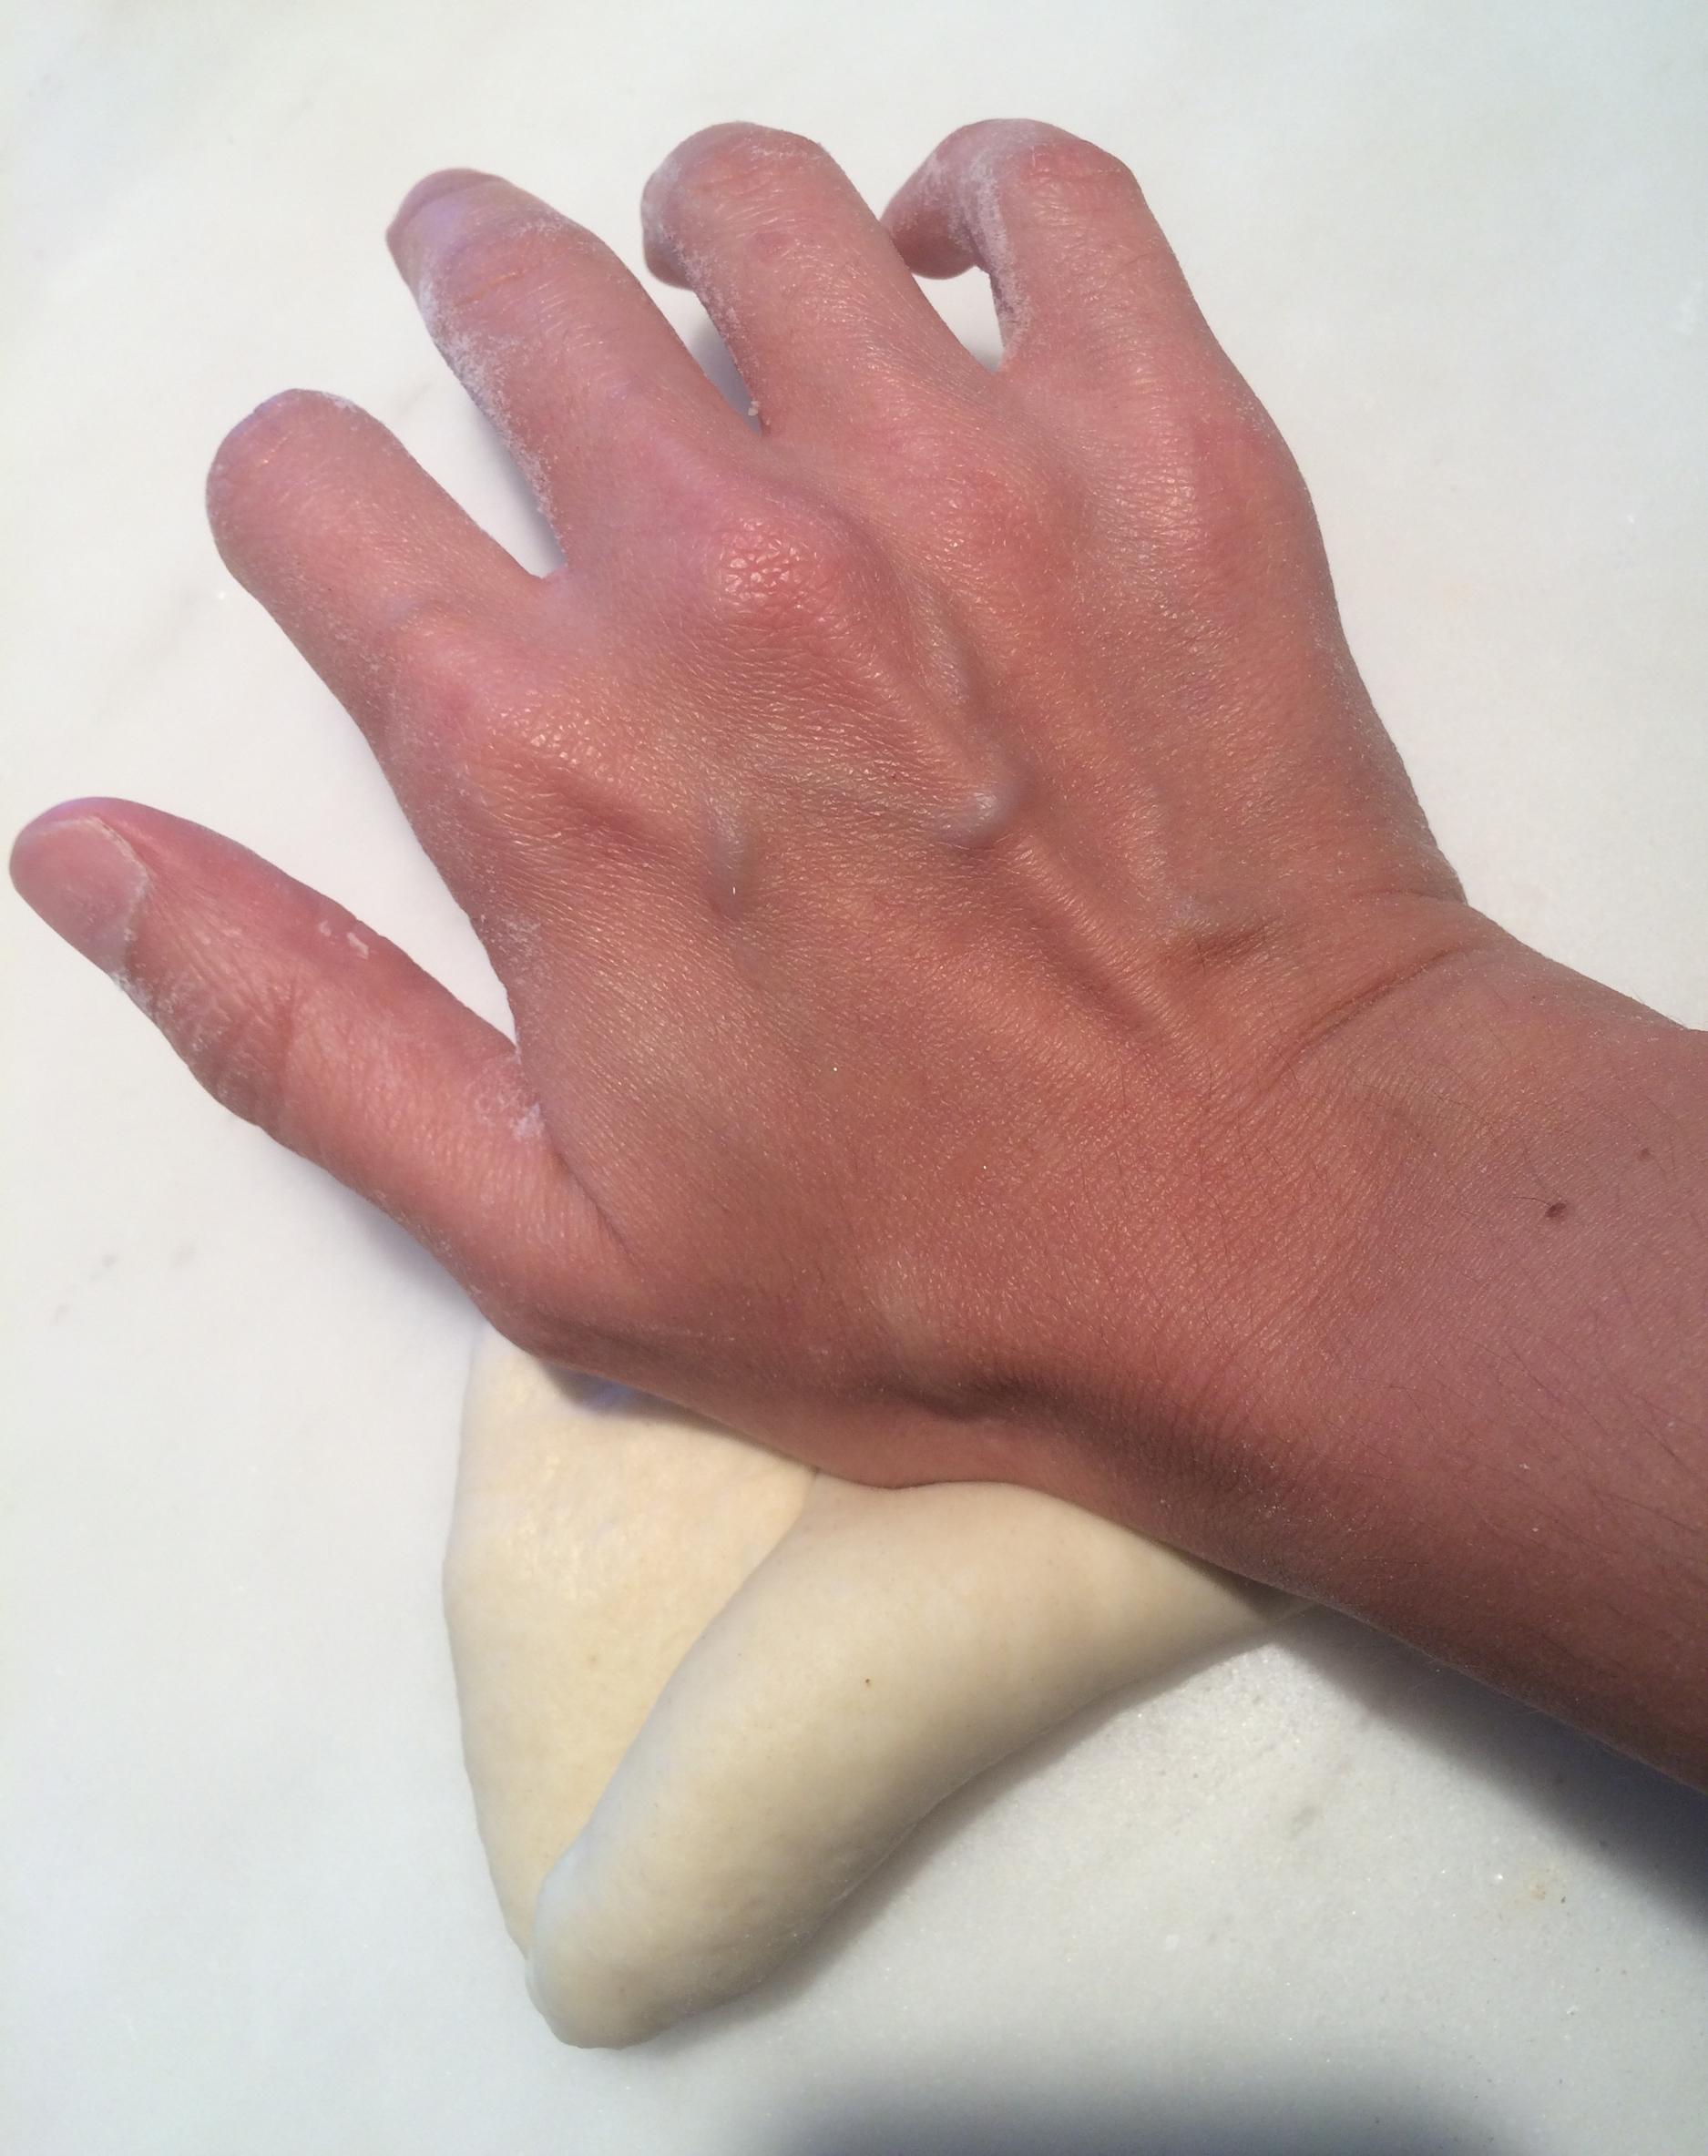 Enrole a massa sobre si mesma aos poucos, apertando cada volta com a base da mão, para que o miolo fique bem fechadinho. Ao terminar de enrolar, belisque as bordas para emendar o pão direitinho, pra ele não correr o risco de abrir enquanto estiver crescendo ou assando.